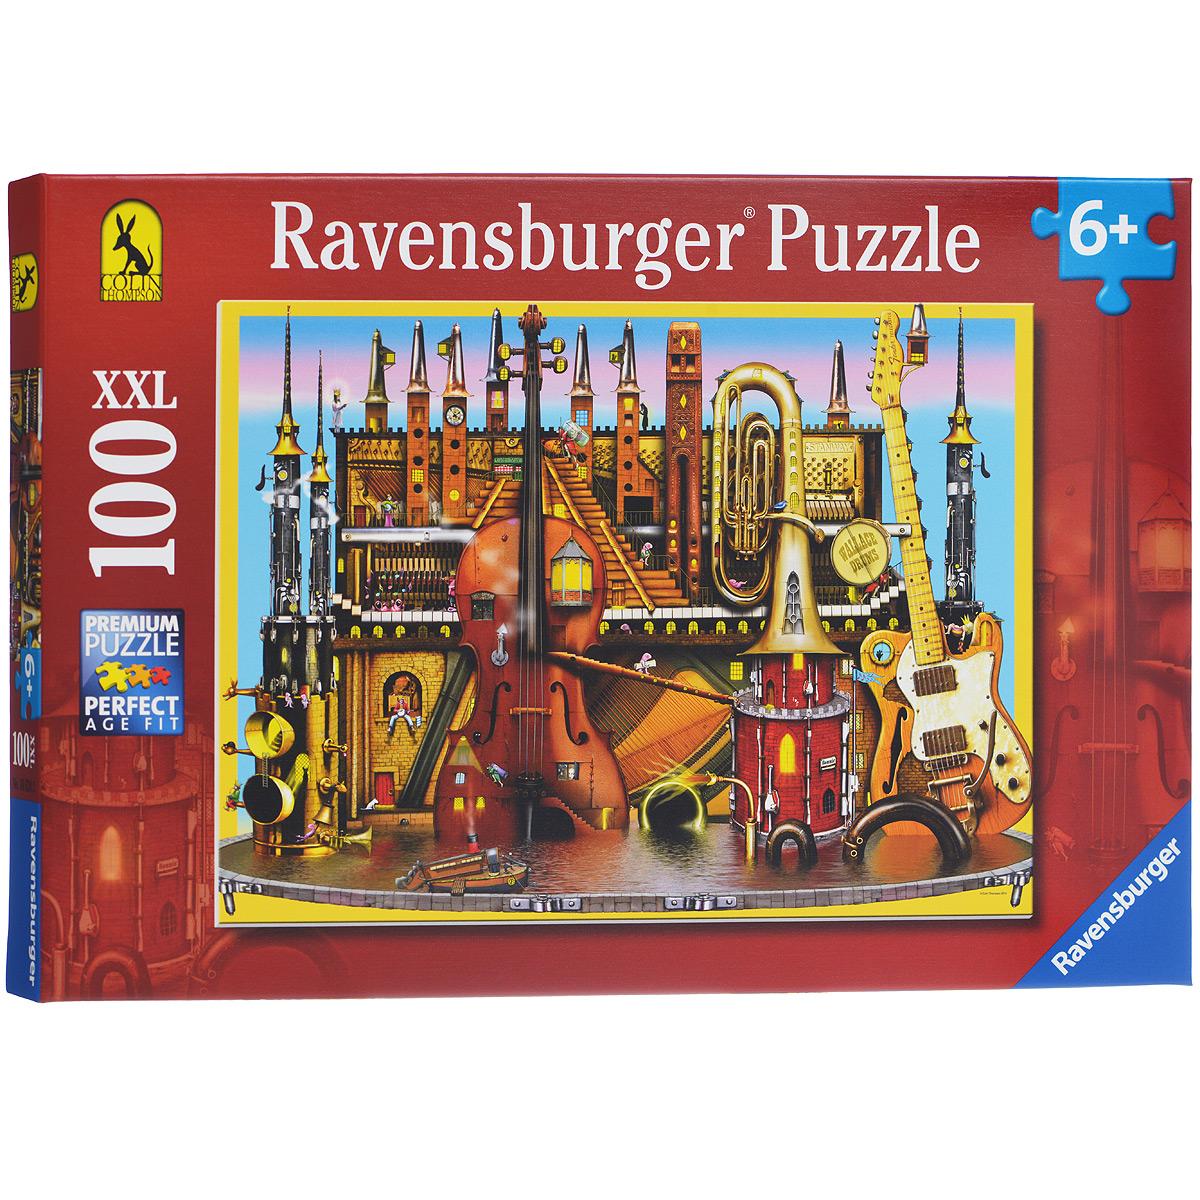 Ravensburger Музыкальный замок. Пазл XXL, 100 элементов10524Пазл Ravensburger Музыкальный замок, без сомнения, придется по душе вам и вашему малышу. Собрав этот пазл, включающий в себя 100 элементов, вы получите великолепную картину с изображением необычного музыкального замка, состоящего из множества музыкальных инструментов. Среди них гитары, скрипки, духовые и струнные инструменты. Каждая деталь имеет свою форму и подходит только на своё место. Нет двух одинаковых деталей! Пазл изготовлен из картона высочайшего качества. Все изображения аккуратно отсканированы и напечатаны на ламинированной бумаге. Пазл - великолепная игра для семейного досуга. Сегодня собирание пазлов стало особенно популярным, главным образом, благодаря своей многообразной тематике, способной удовлетворить самый взыскательный вкус. А для детей это не только интересно, но и полезно. Собирание пазла развивает мелкую моторику у ребенка, тренирует наблюдательность, логическое мышление, знакомит с окружающим миром, с цветом и разнообразными формами.